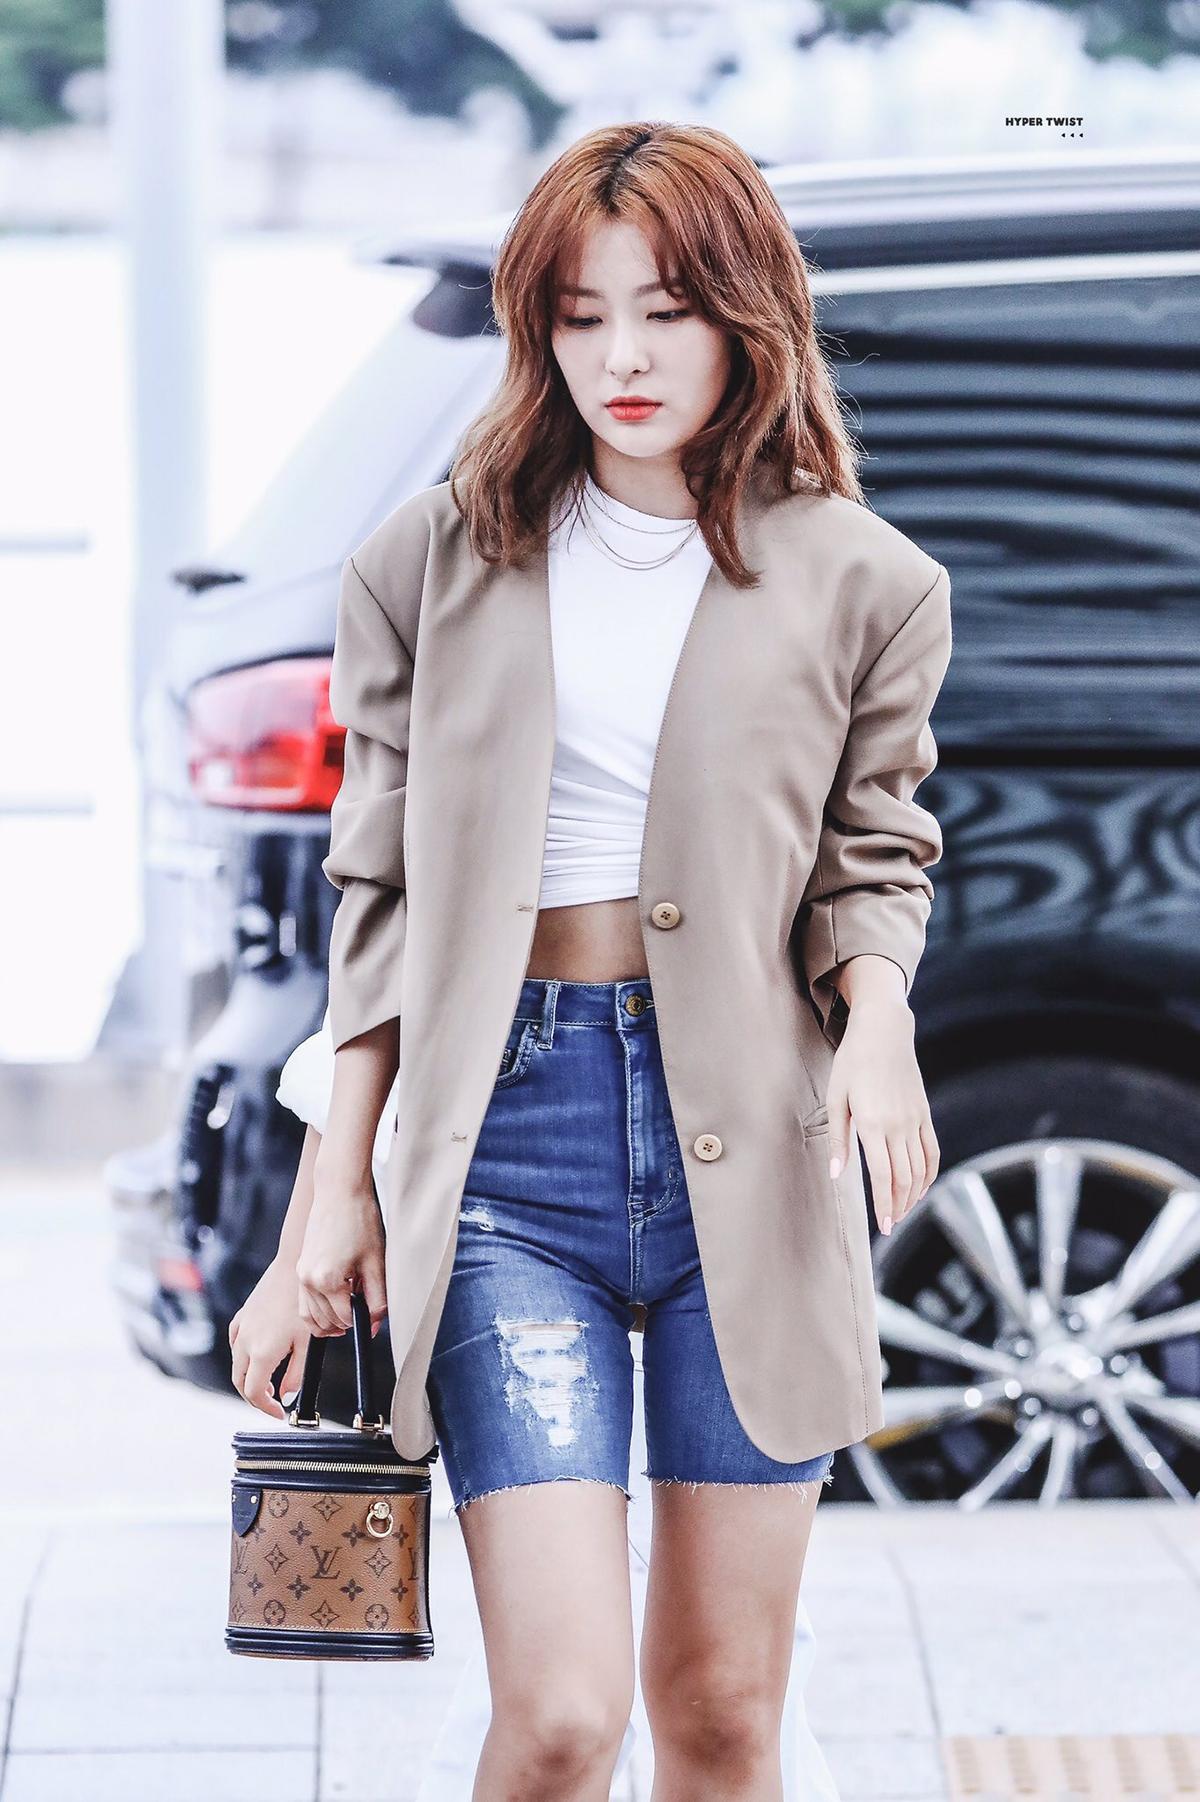 Seul Gi được rất nhiều cô gái học hỏi với set đồ phối chuẩn mực cùng blazer ra sân bay.